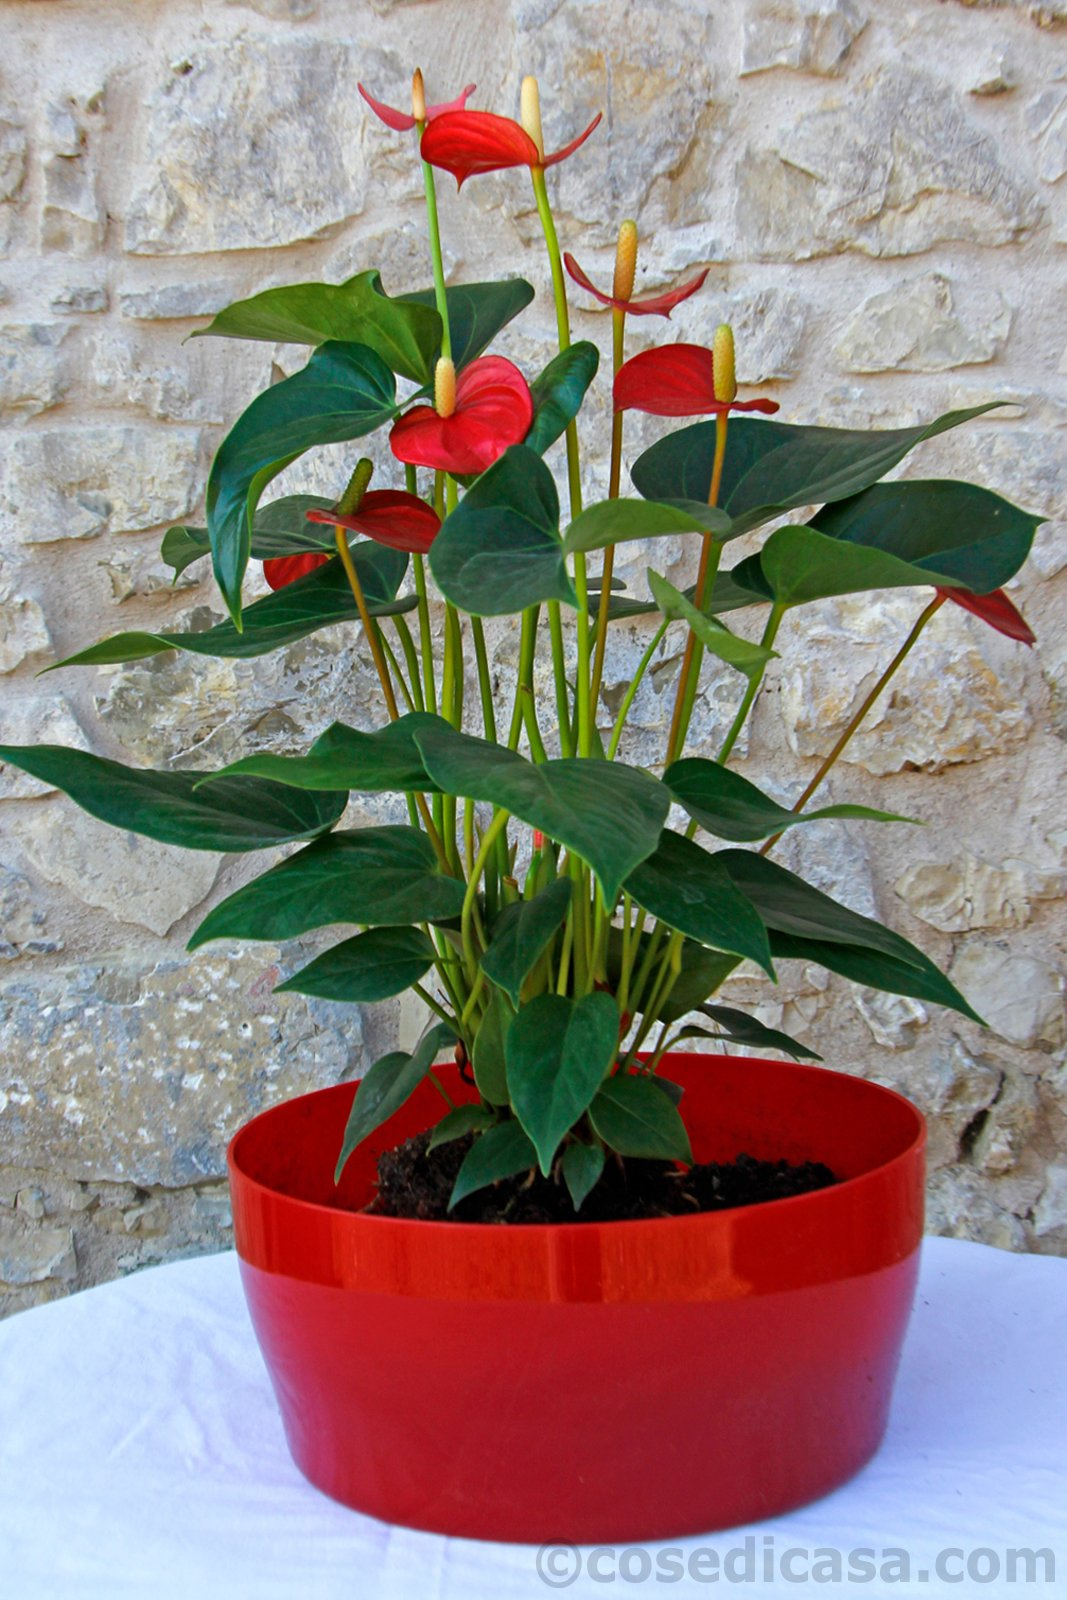 Foto di piante da appartamento stratfordseattle - Piante verdi interno ...